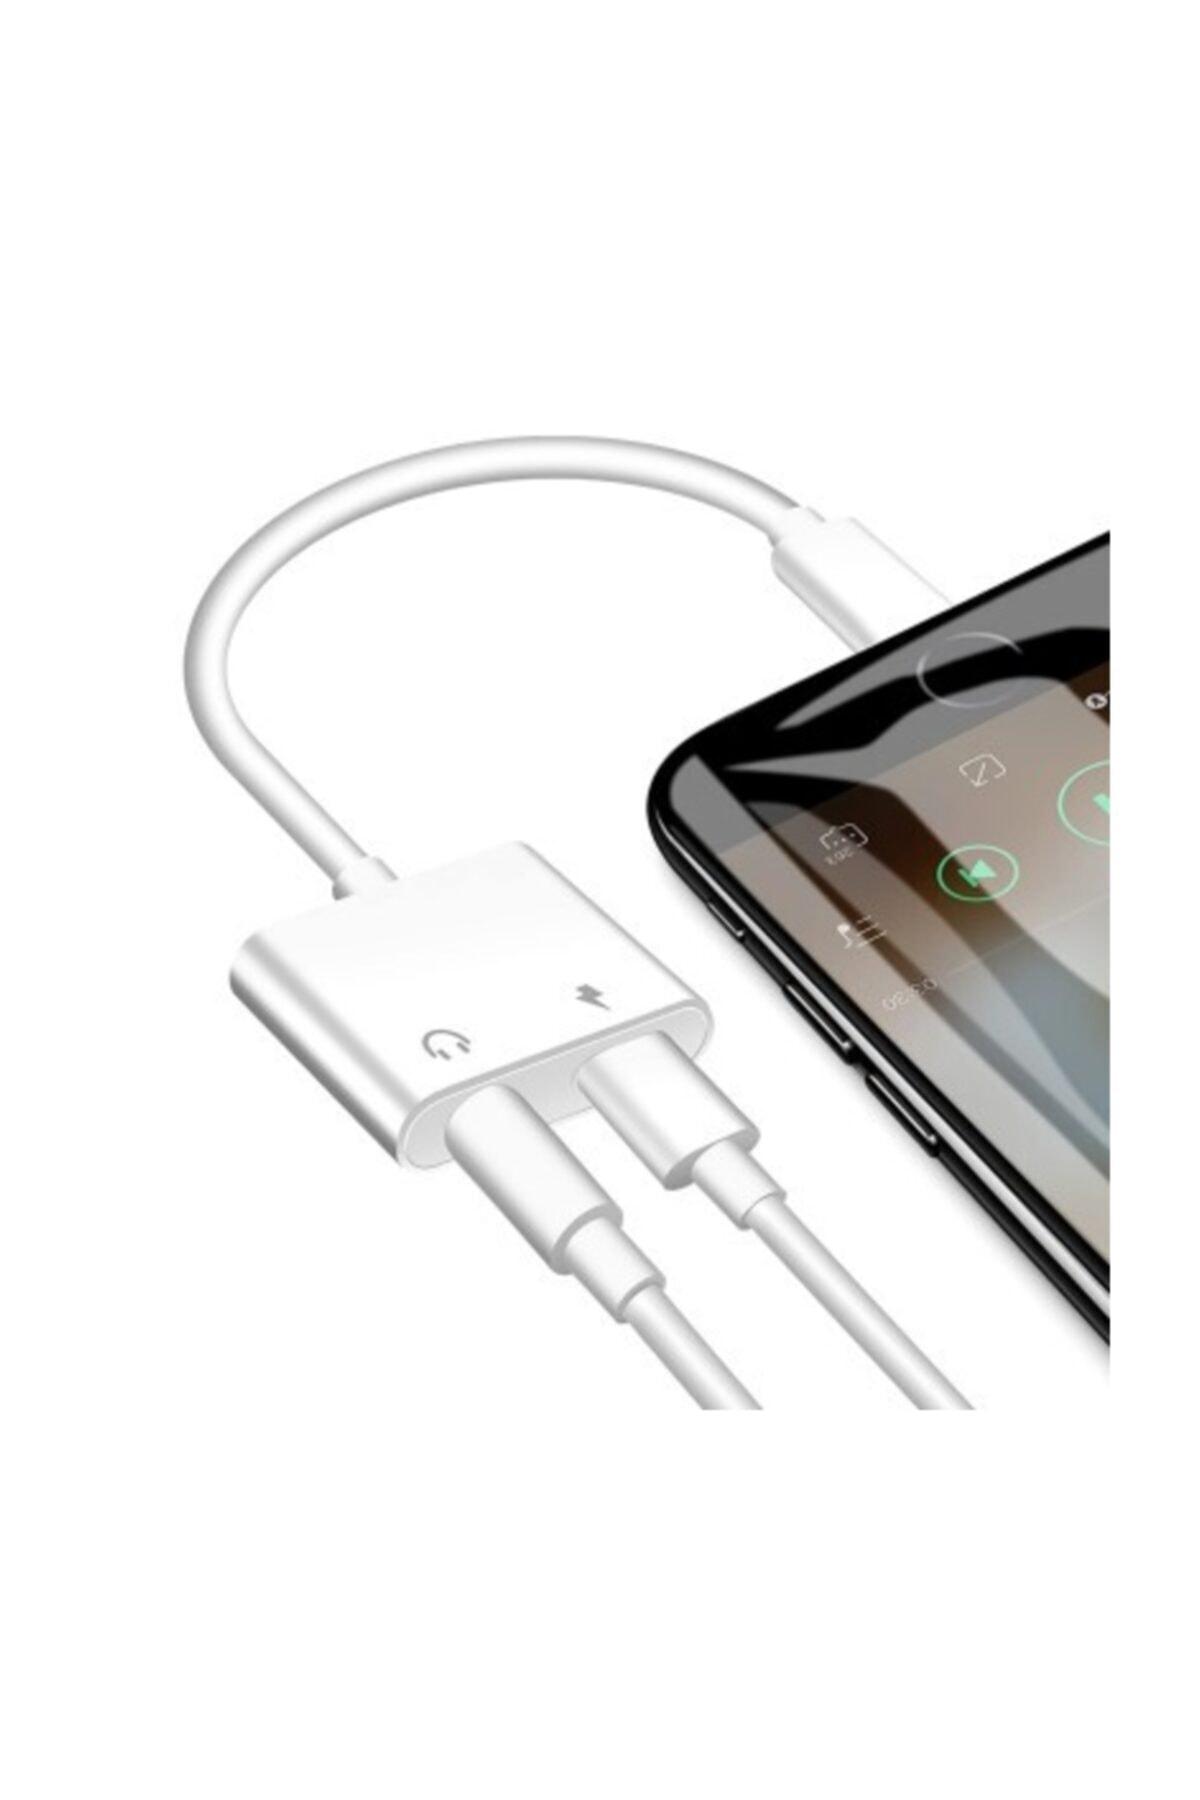 Kralphone Iphone Ipad Lightning Kulaklık Ve Şarj Çevirici Dönüştürücü Çoğaltıcı Kablo 6 7 8 X Xs Xs Ma 2